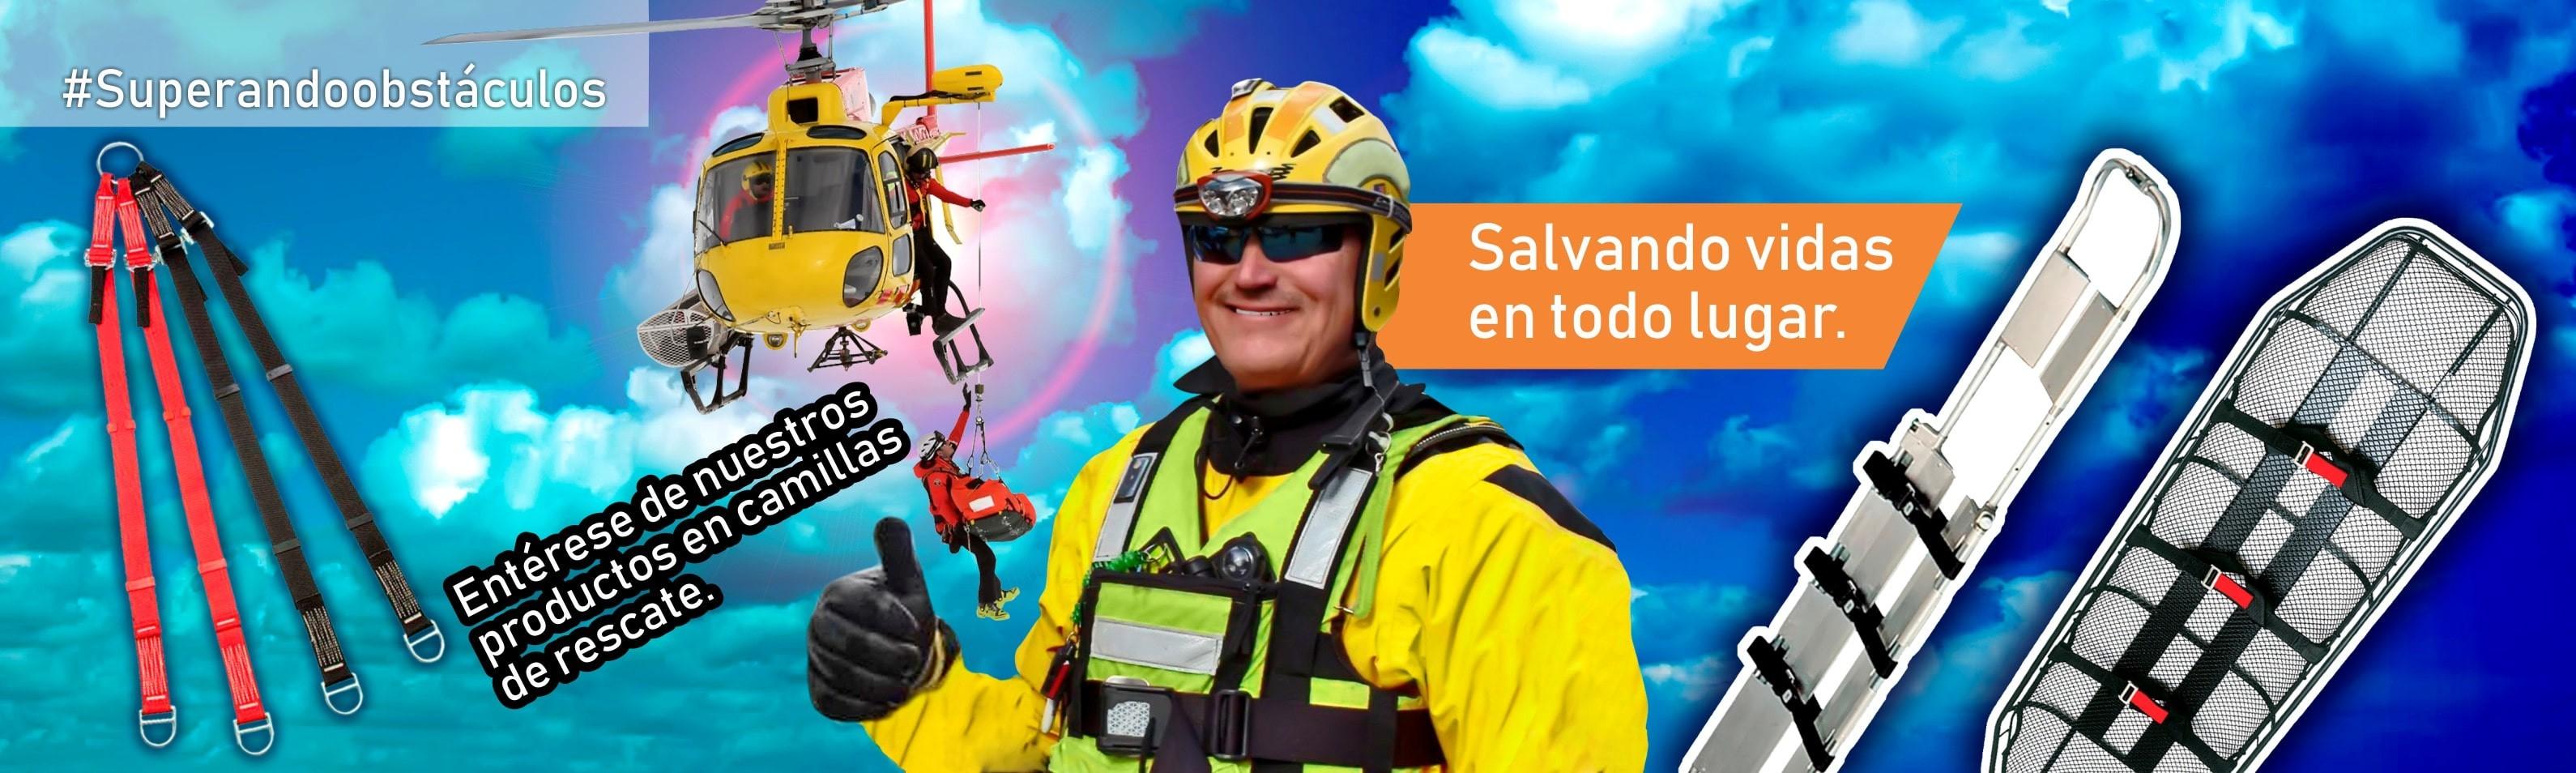 Para labores de rescate en todo lugar, los equipos aquí encontrará: Dotaalturas, protección a todo nivel.